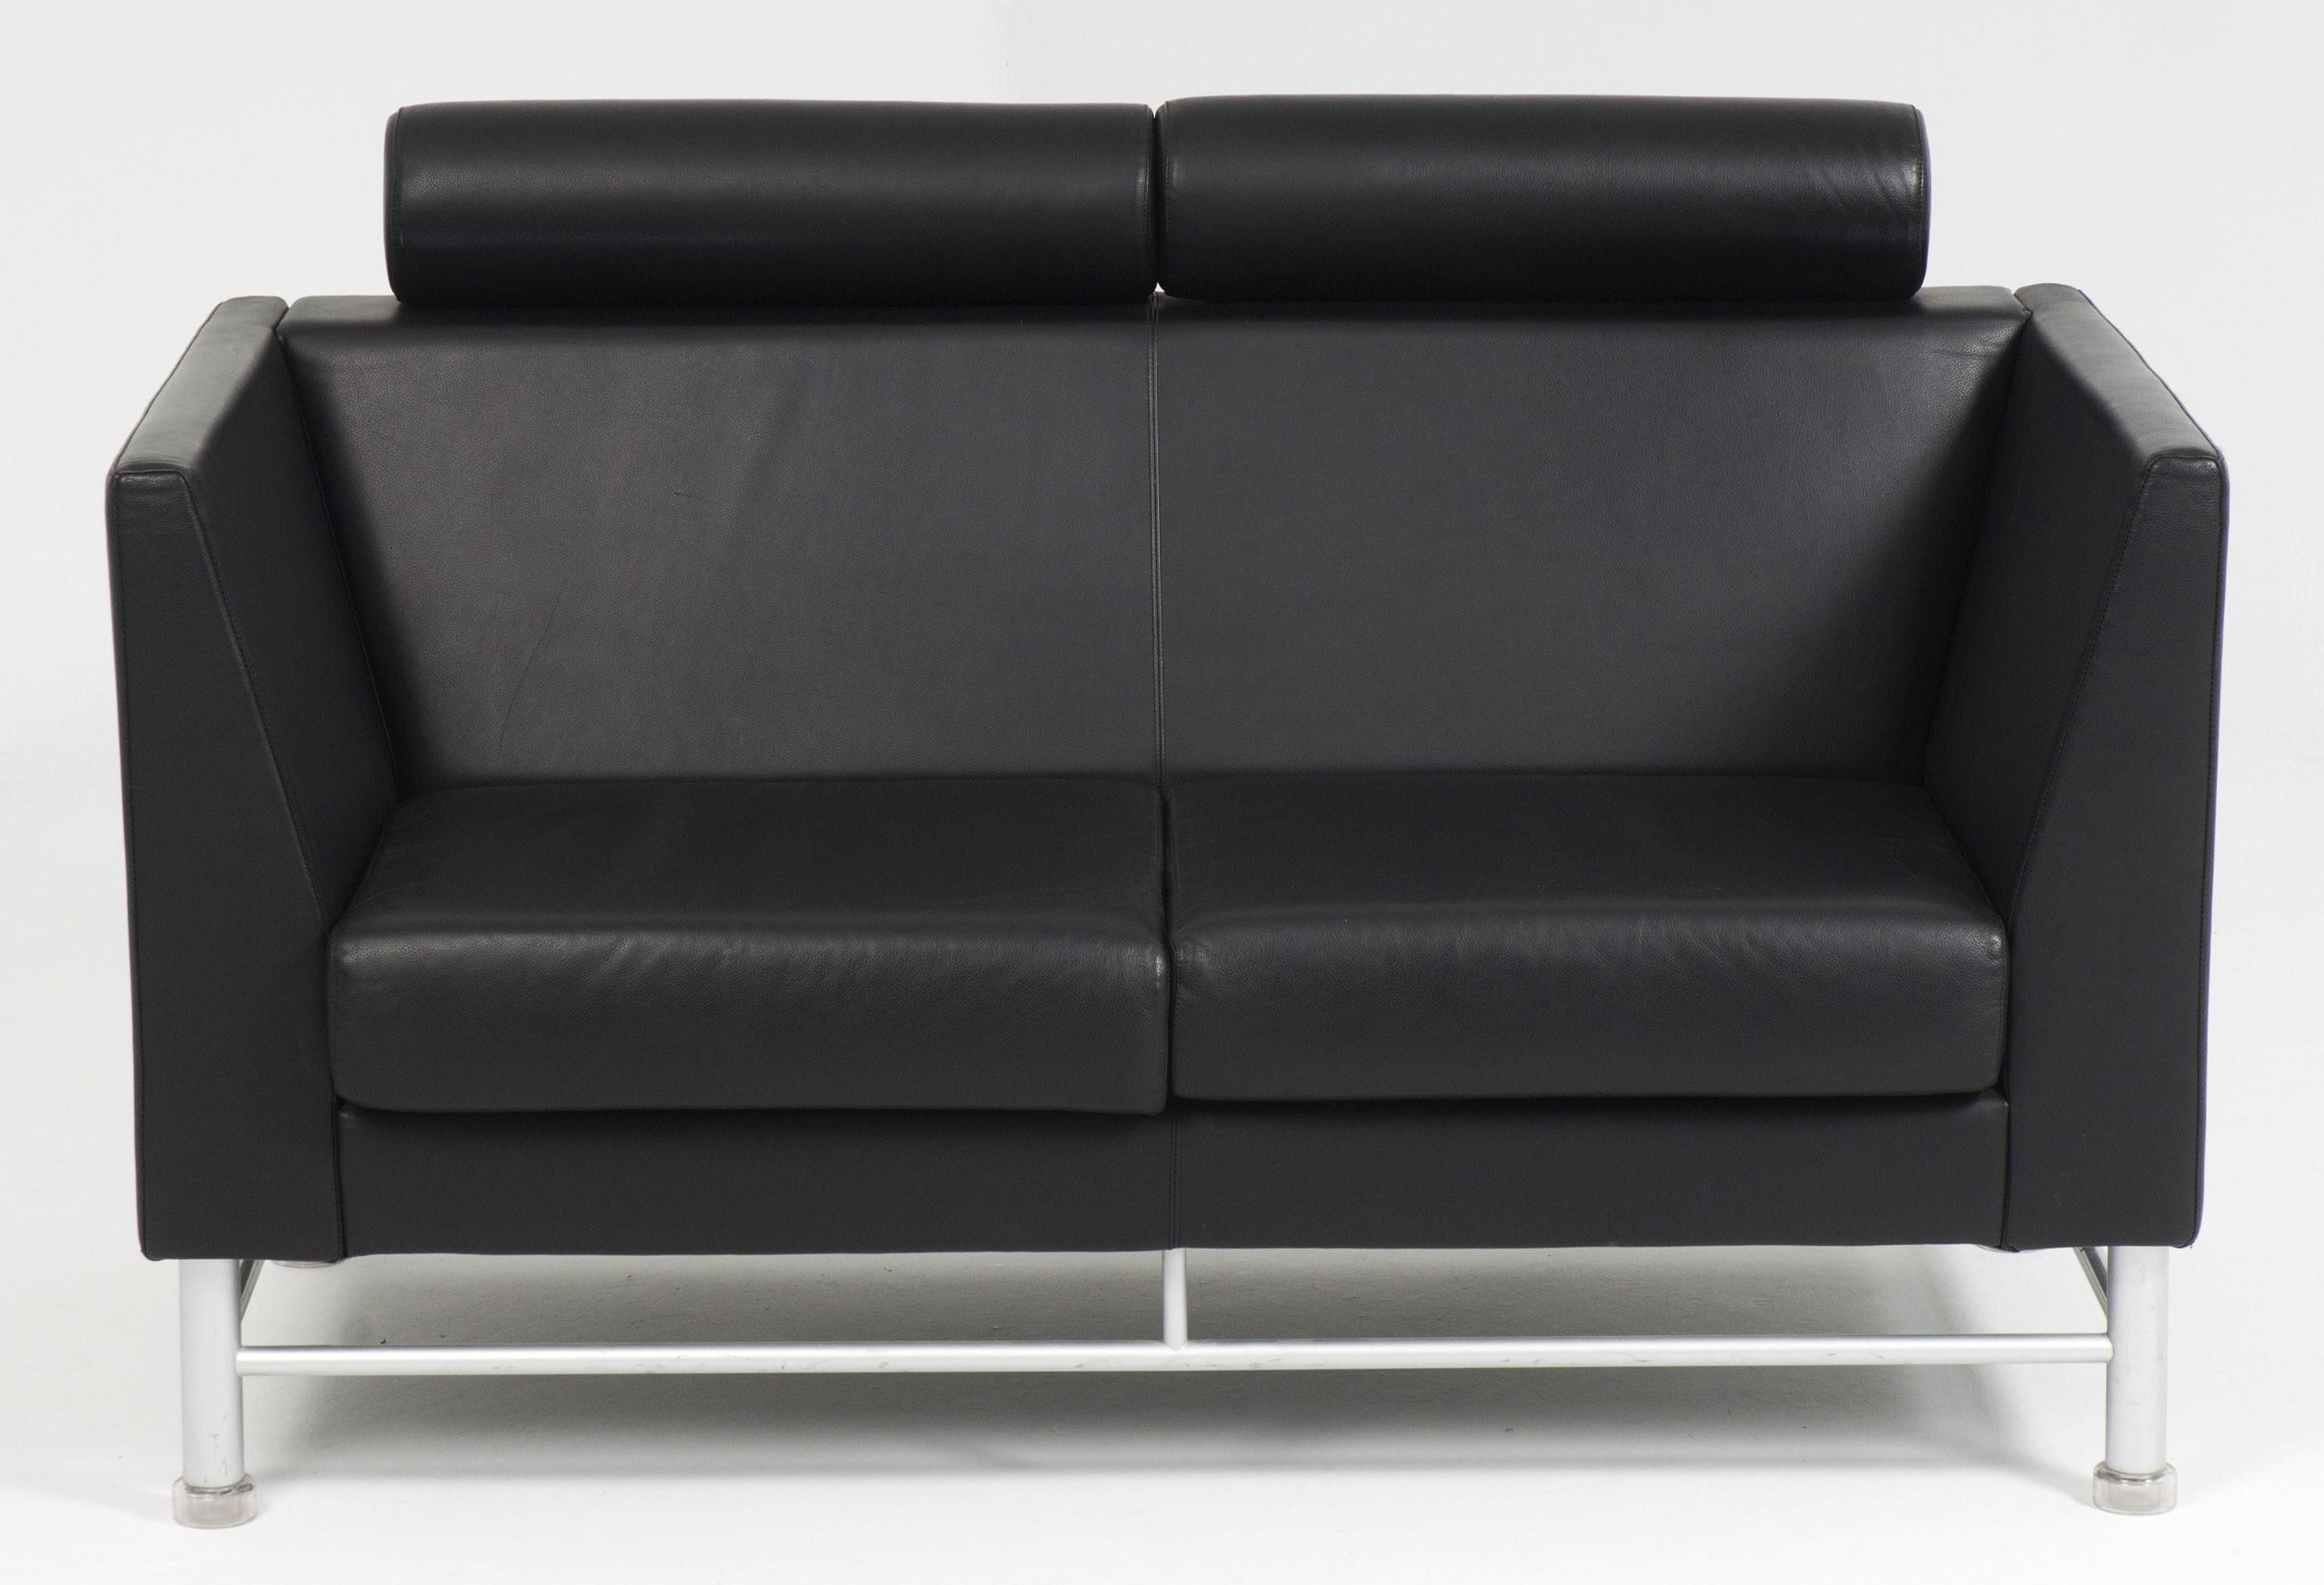 """Eastside"""" sofa, Ettore SOTTSASS - 1990s - Design Market for Ettore Sottsass Sofa  45ifm"""